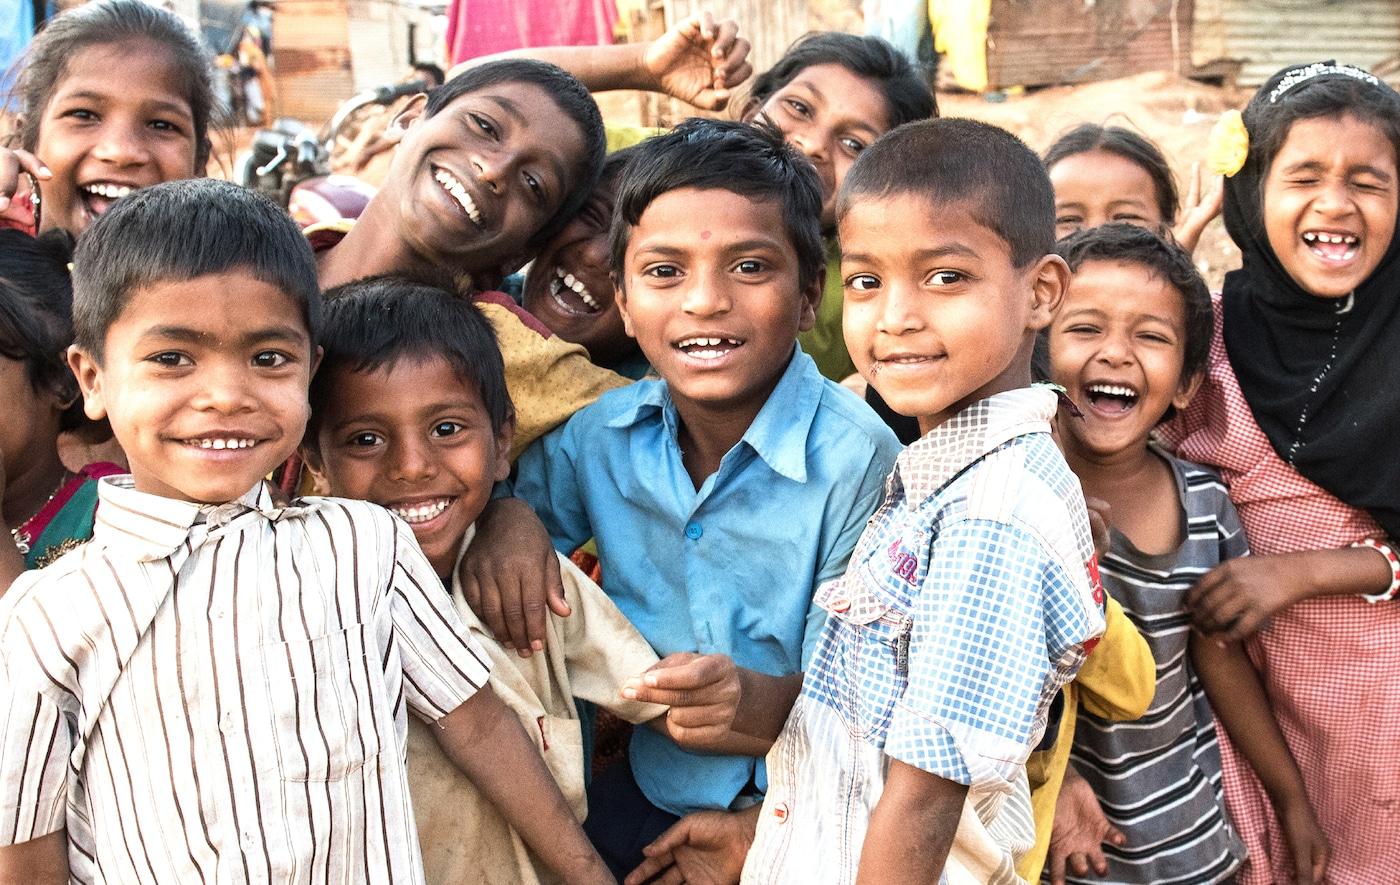 مجموعة من الصبيان والبنات يبتسمون ويضحكون.